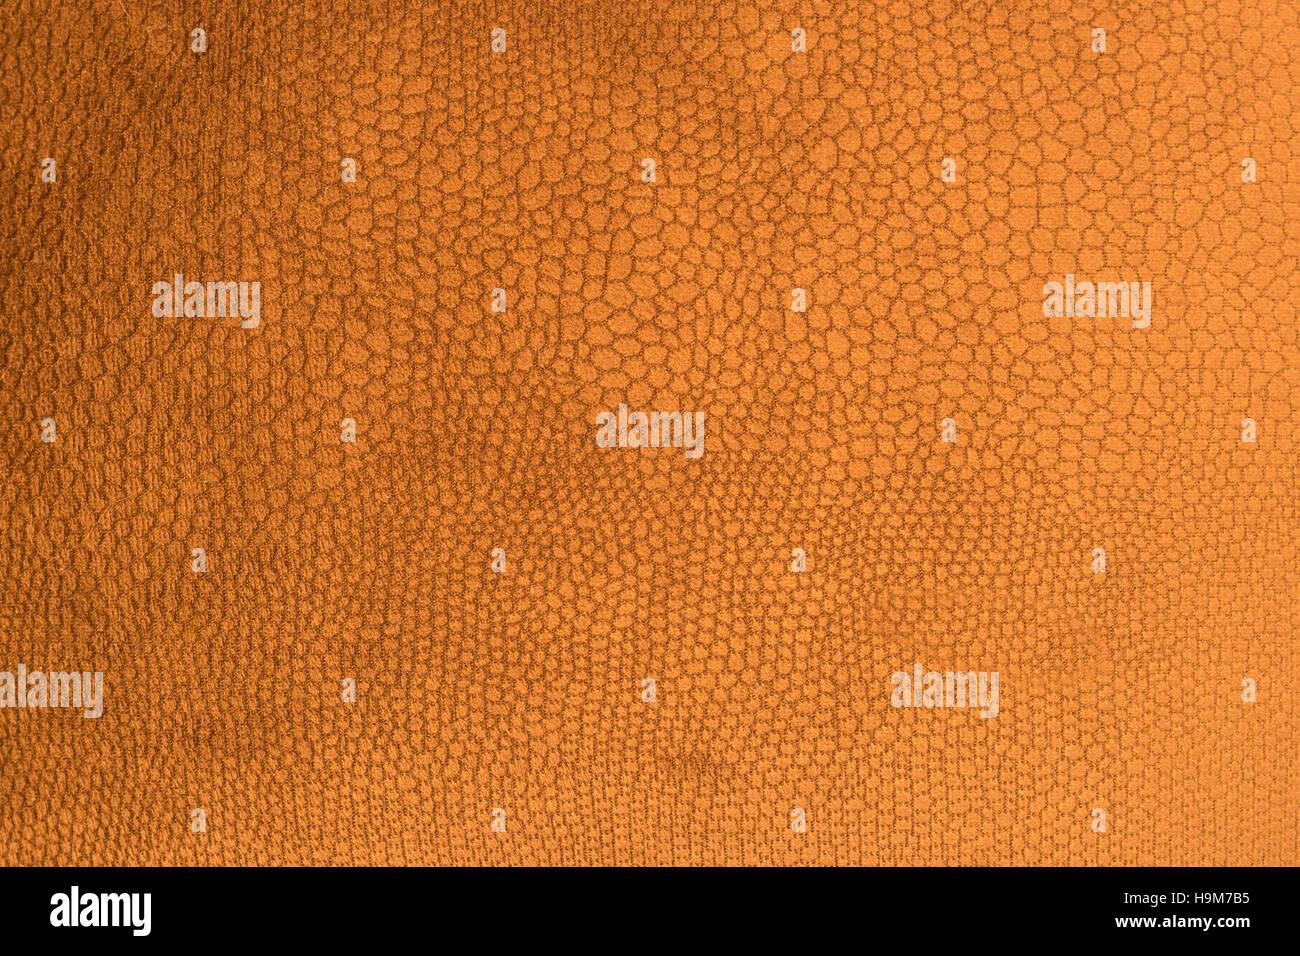 Wildleder Leder Hintergrund / Muster Stockbild